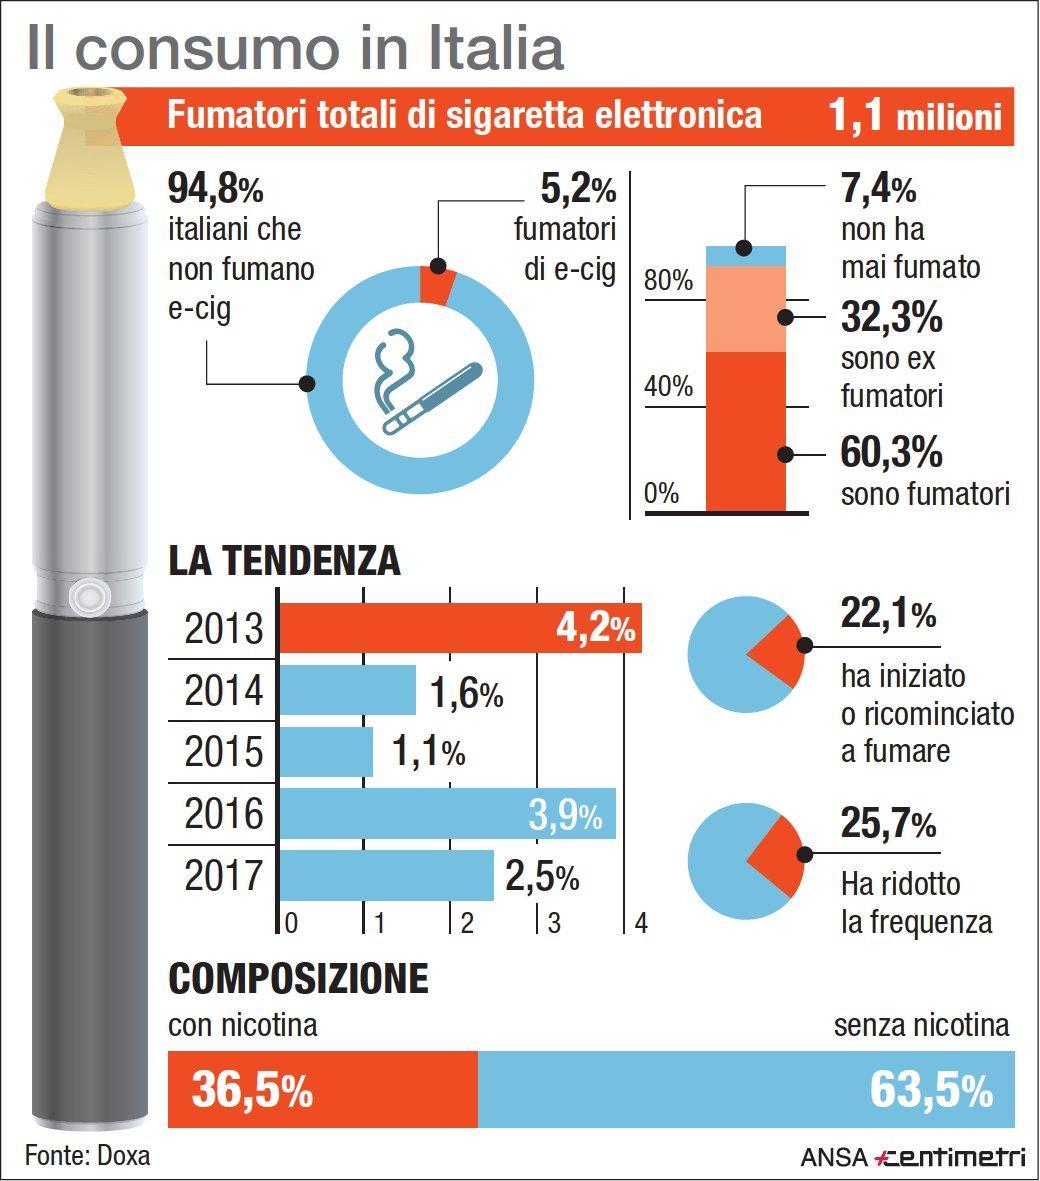 Sigaretta elettronica: il consumo in Italia